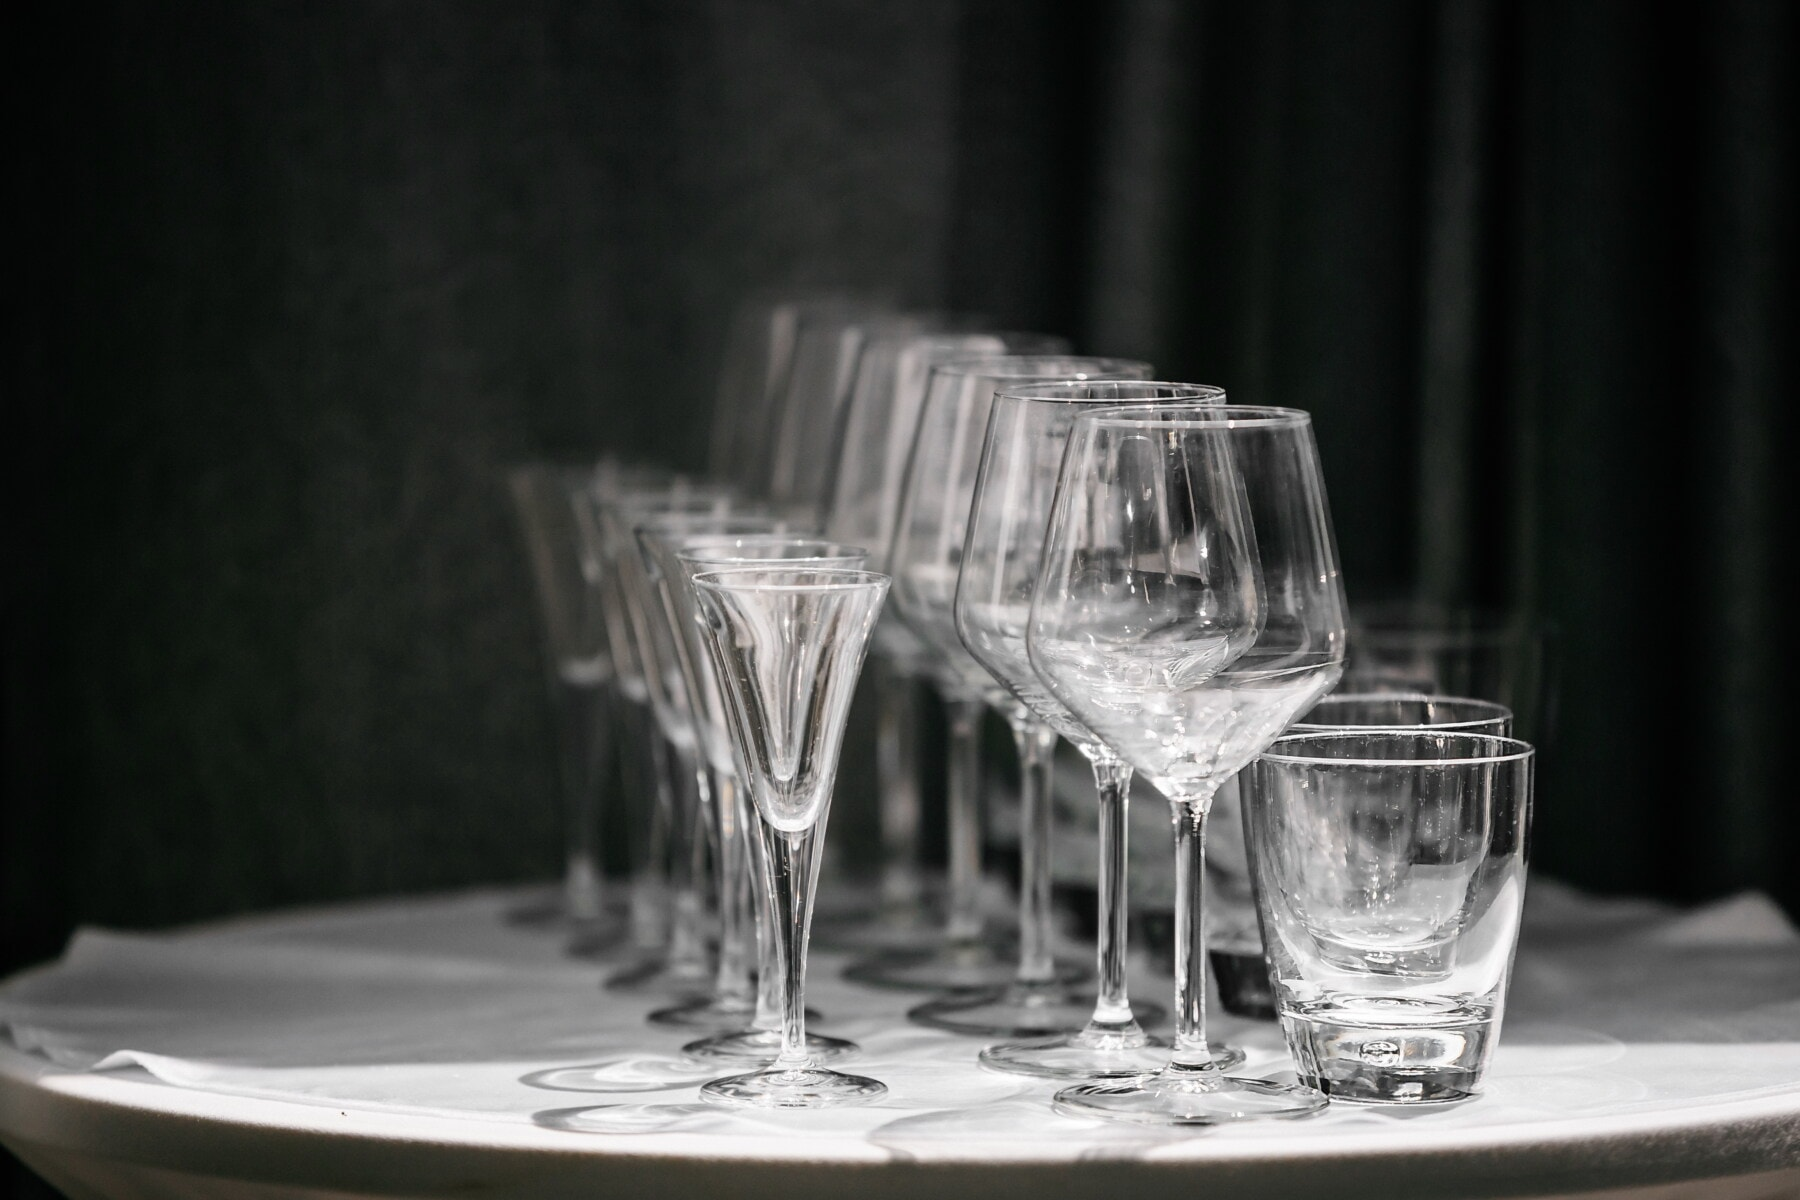 monochrome, crystal, verre, verrerie, parti, lunettes, boisson, conteneur, vaisselle, restaurant